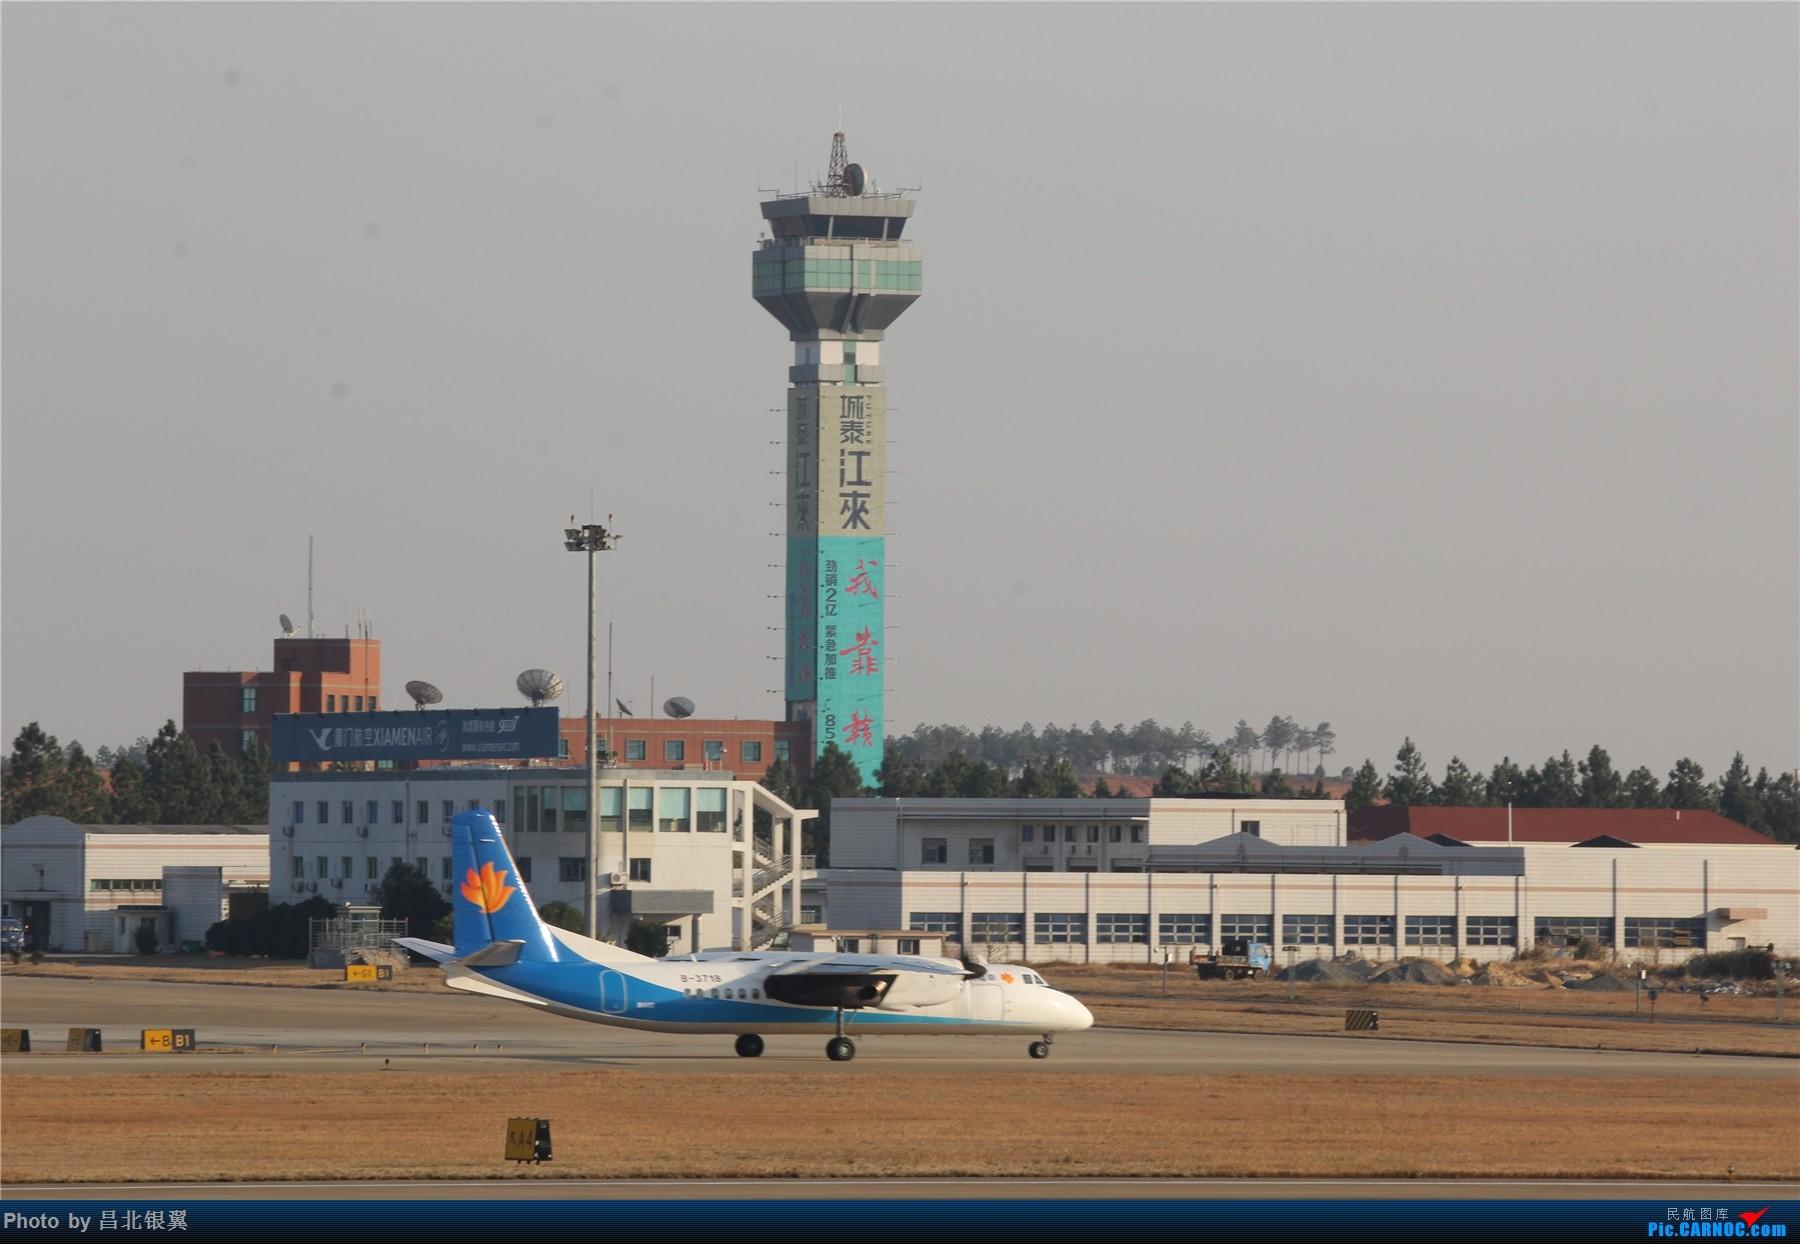 Re:[原创]【飞越2014,启航2015】 幸福航空MA60,祝大家2015年走向幸福~ XIAN AIRCRAFT MA 60 B-3718 中国南昌昌北国际机场